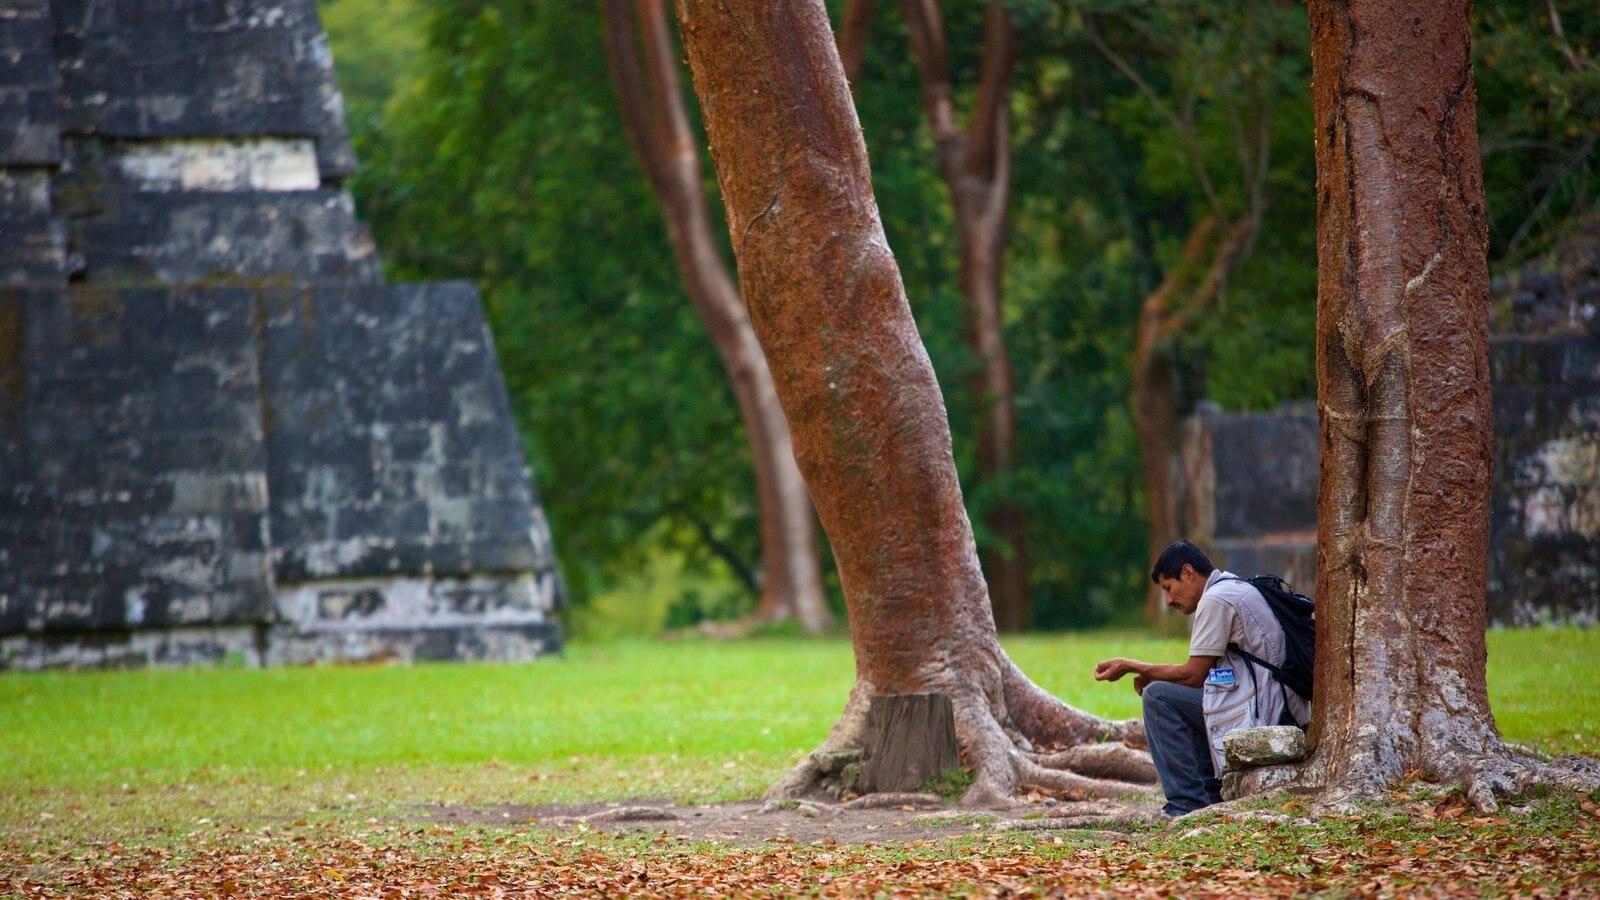 Tikal mostrando elementos de patrimônio assim como um homem sozinho